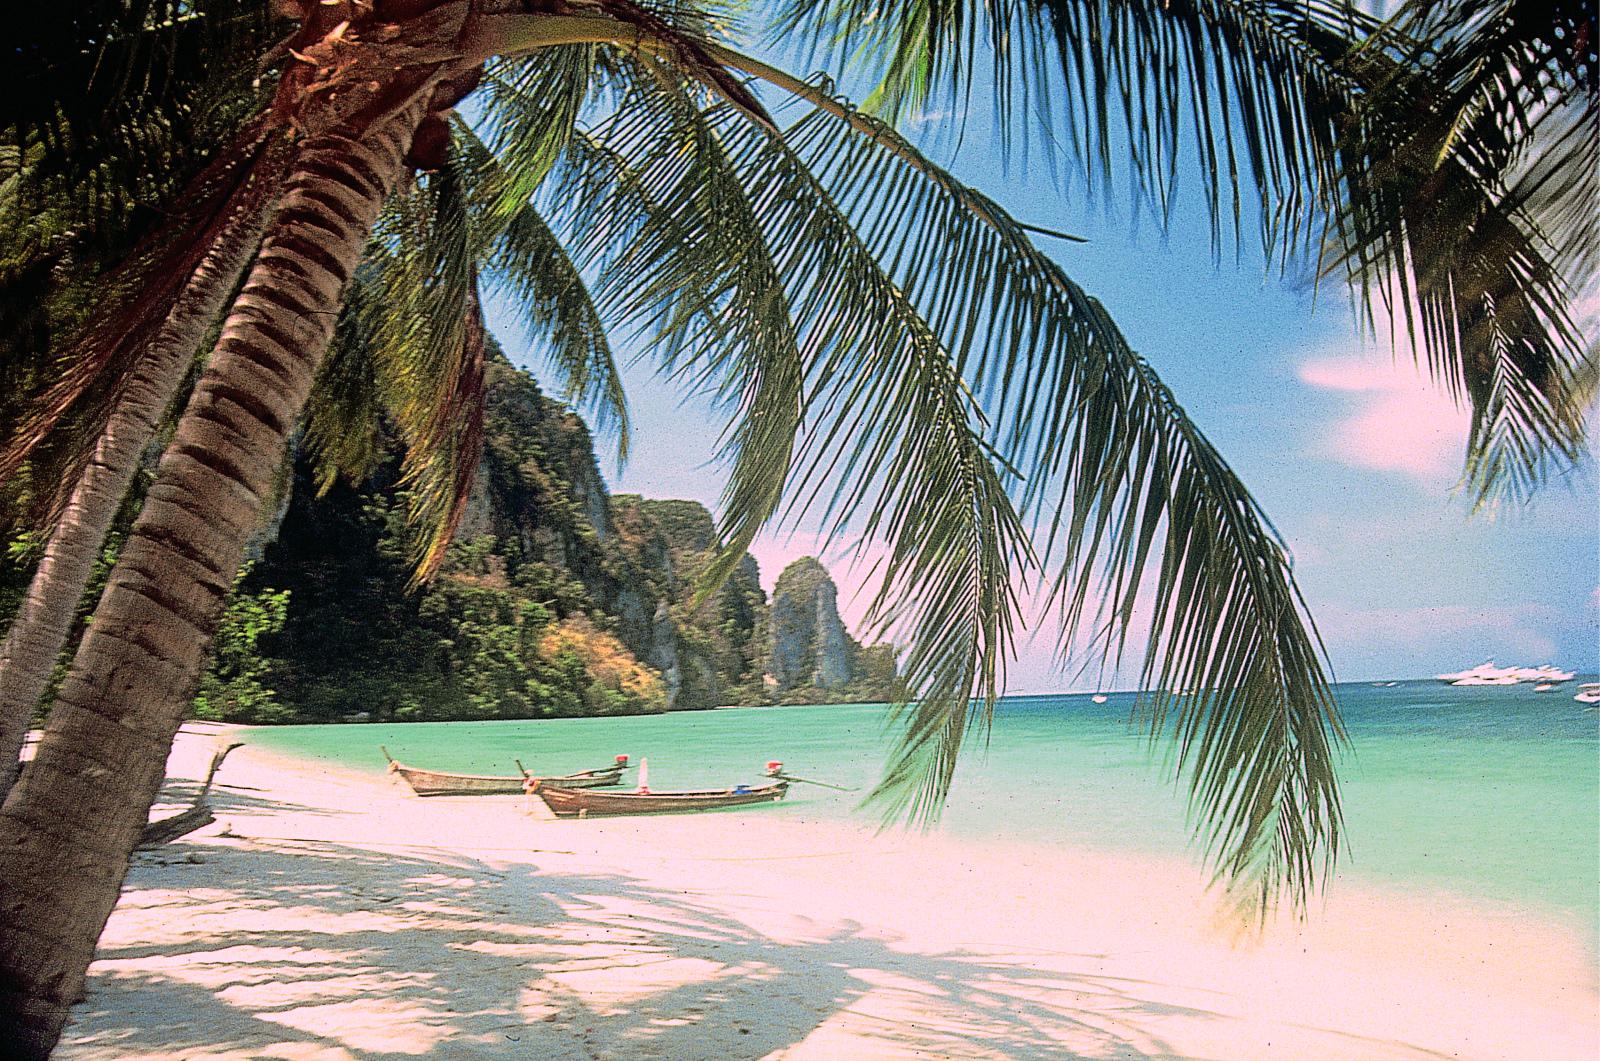 Болезни из Таиланда.Чем можно заболеть на отдыхе?